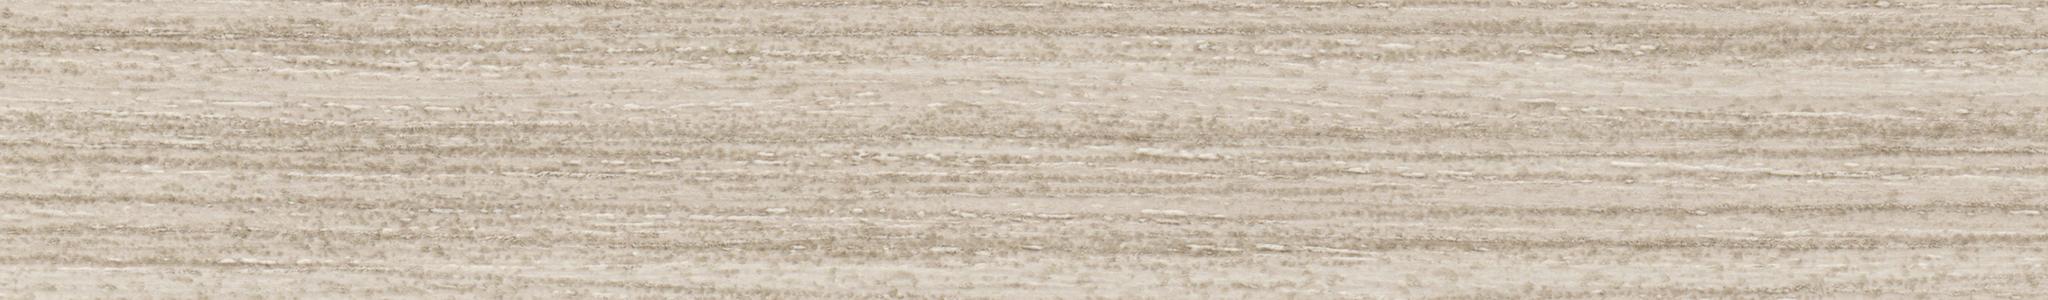 HD 293091 ABS Edge Driftwood Pore